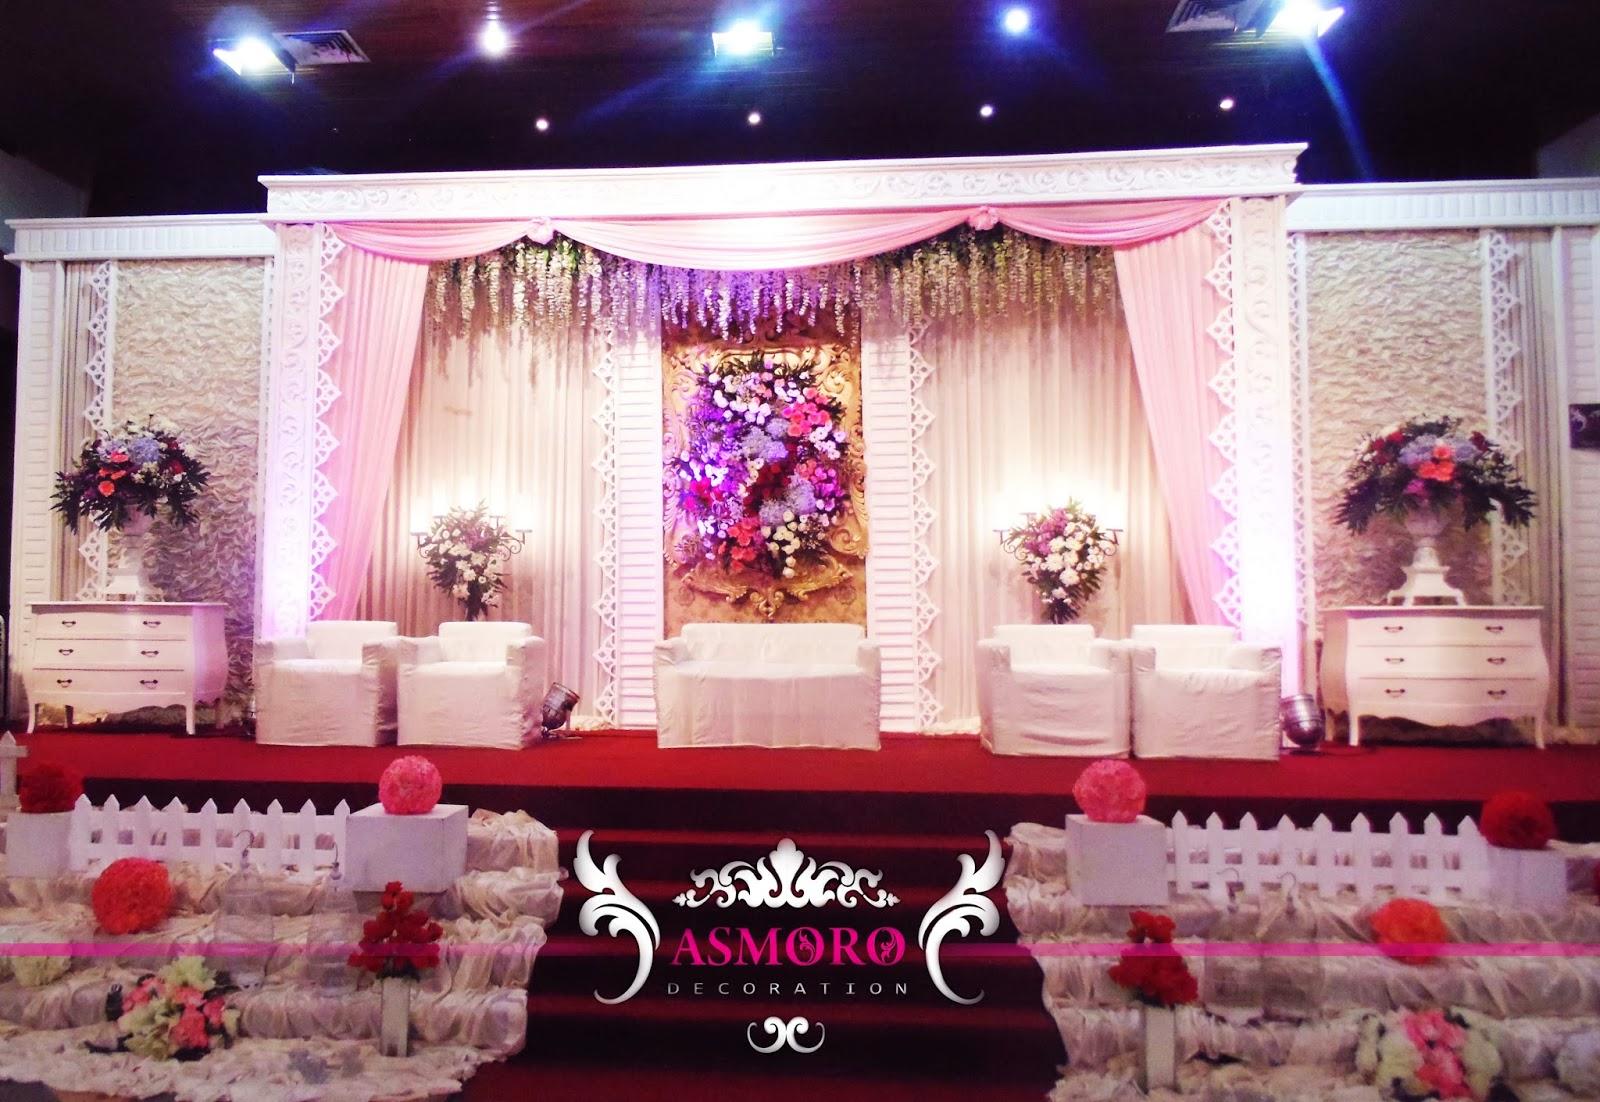 Dekorasi solo asmoro decoration dekorasi untuk mbak fitri for Asmoro decoration